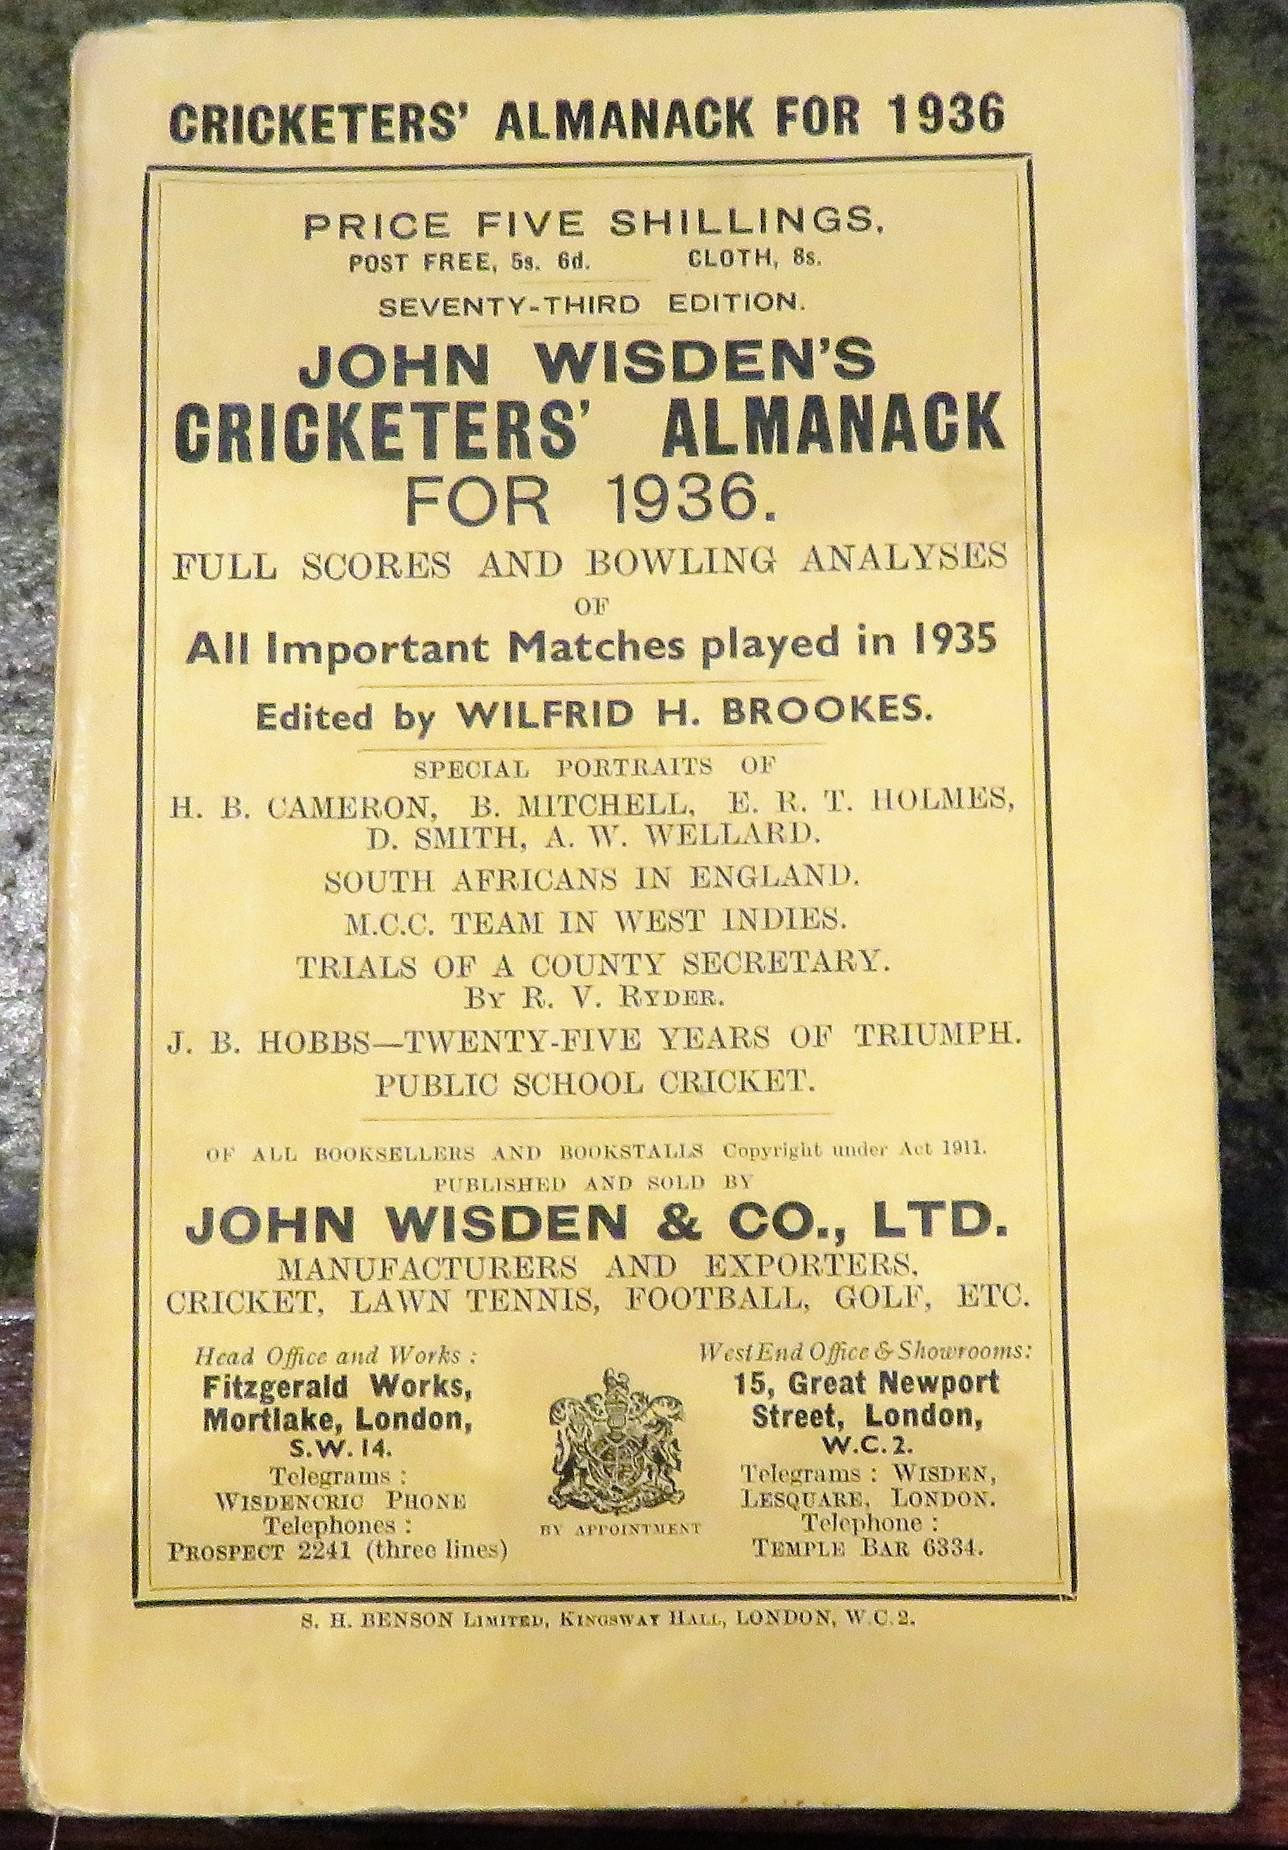 **John Wisden's Cricketers' Almanack For 1936